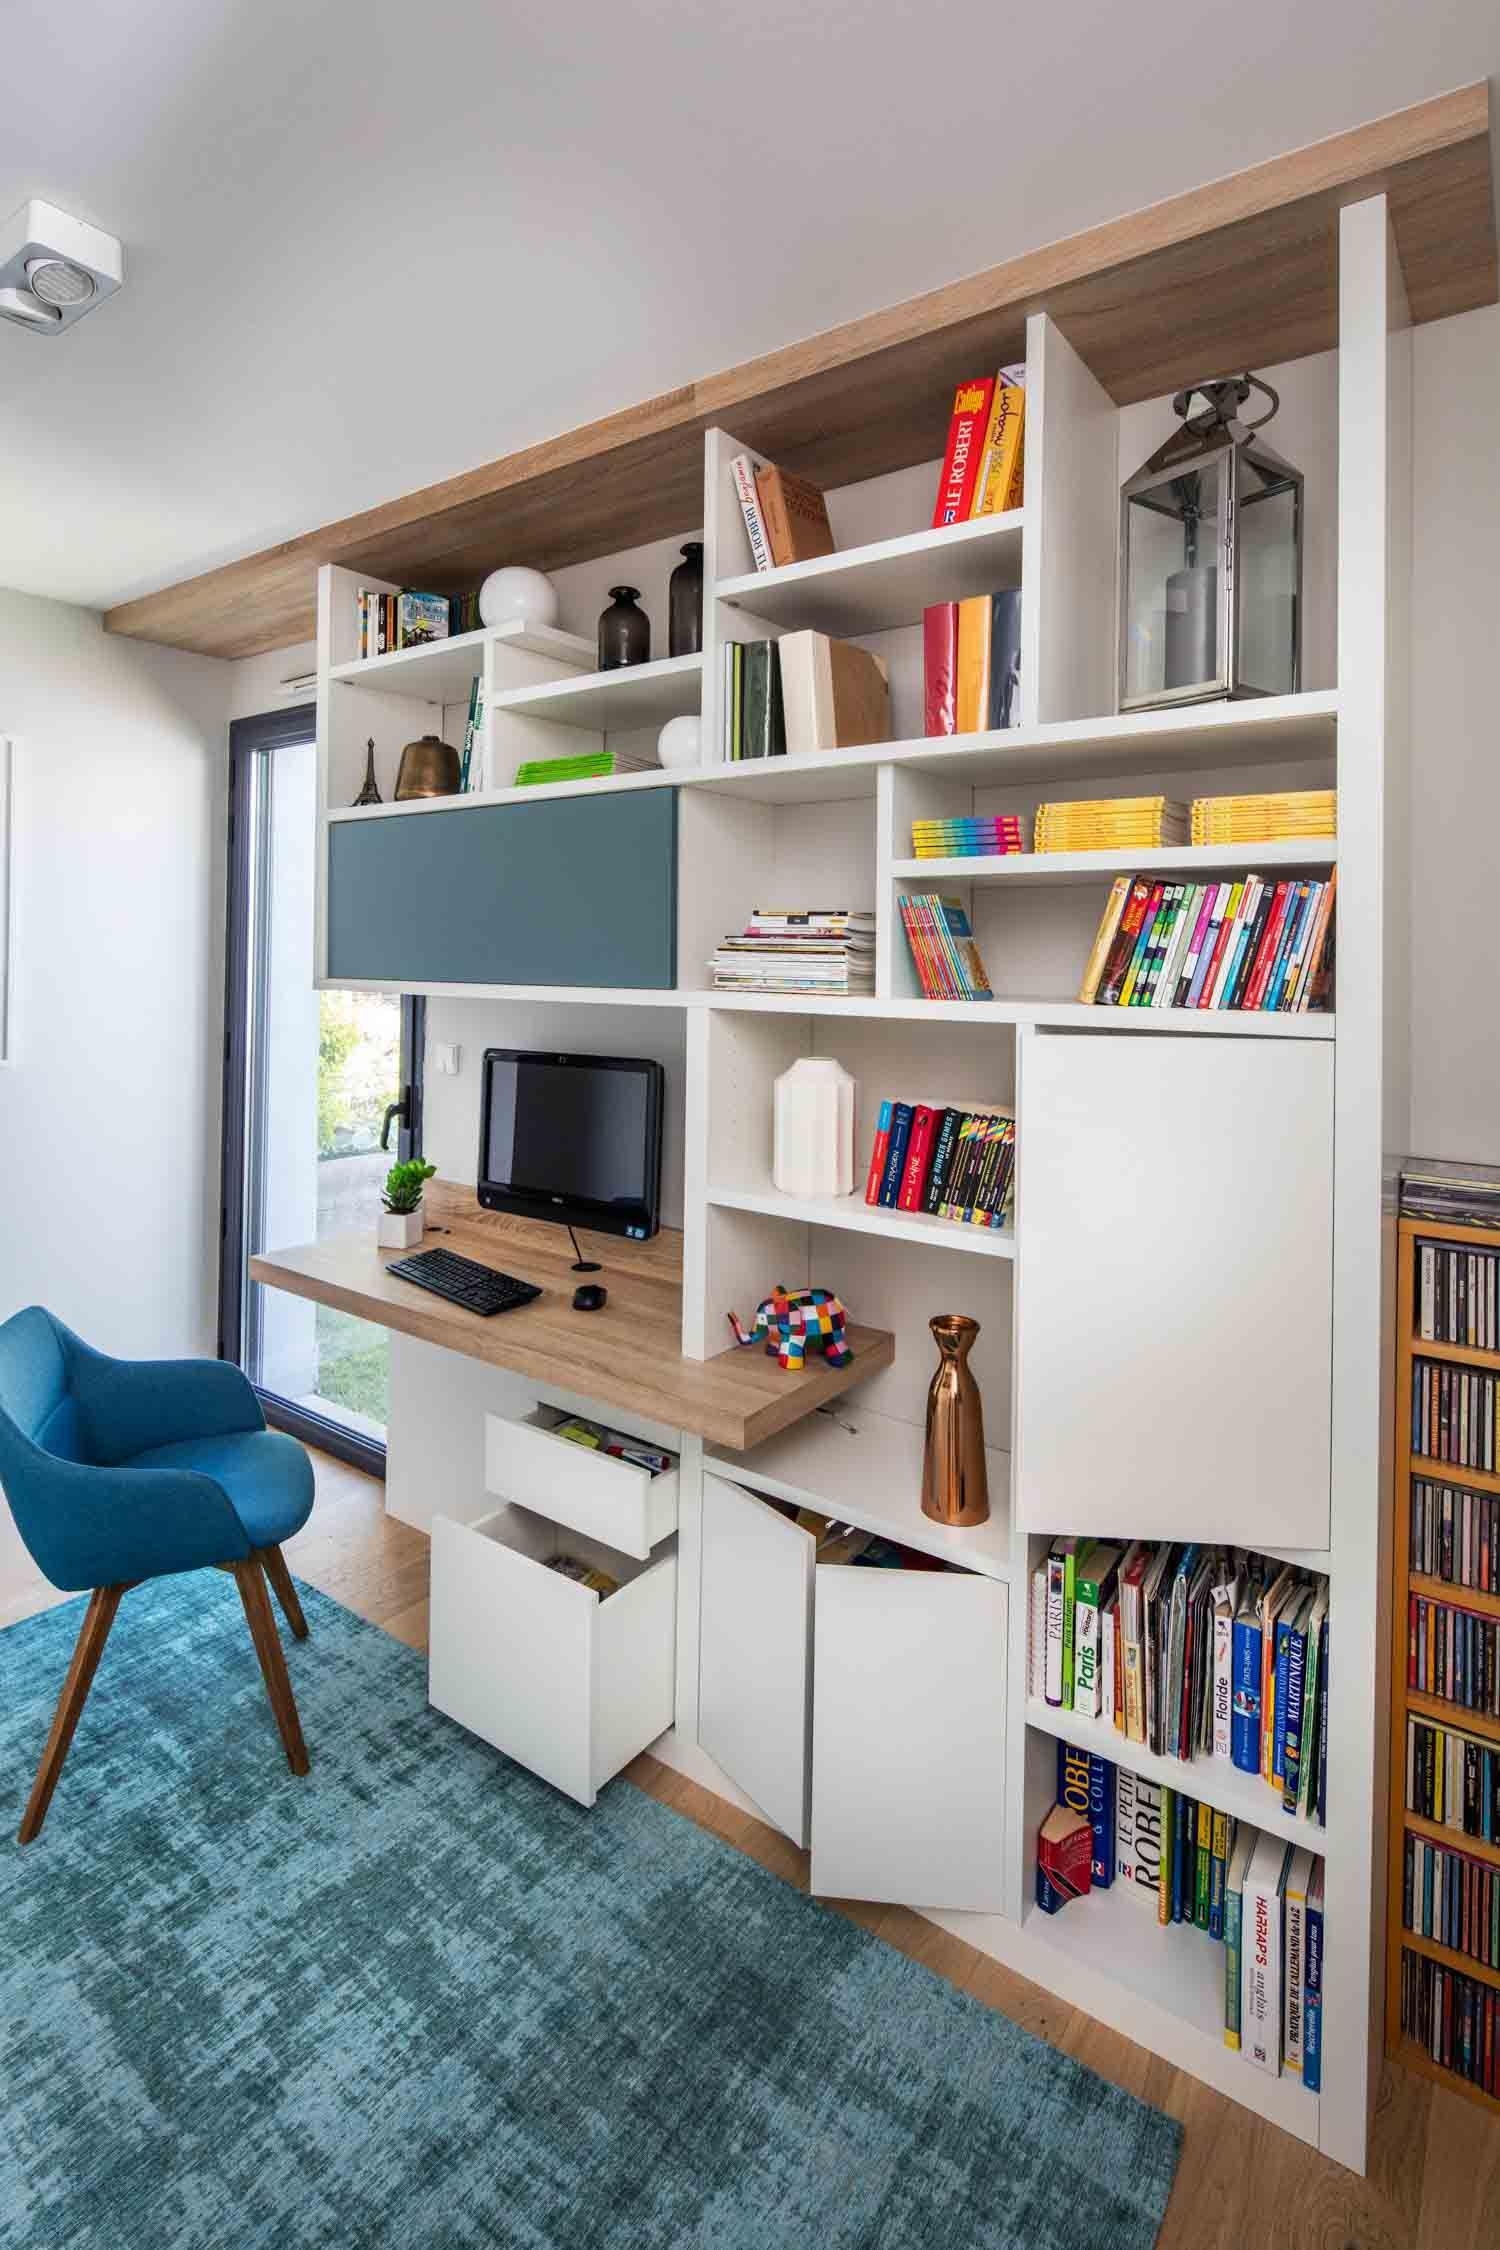 Bureau Et Bibliotheque Fonctionnels La Bibliotheque Avec Bureau Integre Bureau Salon Rangement Sejour